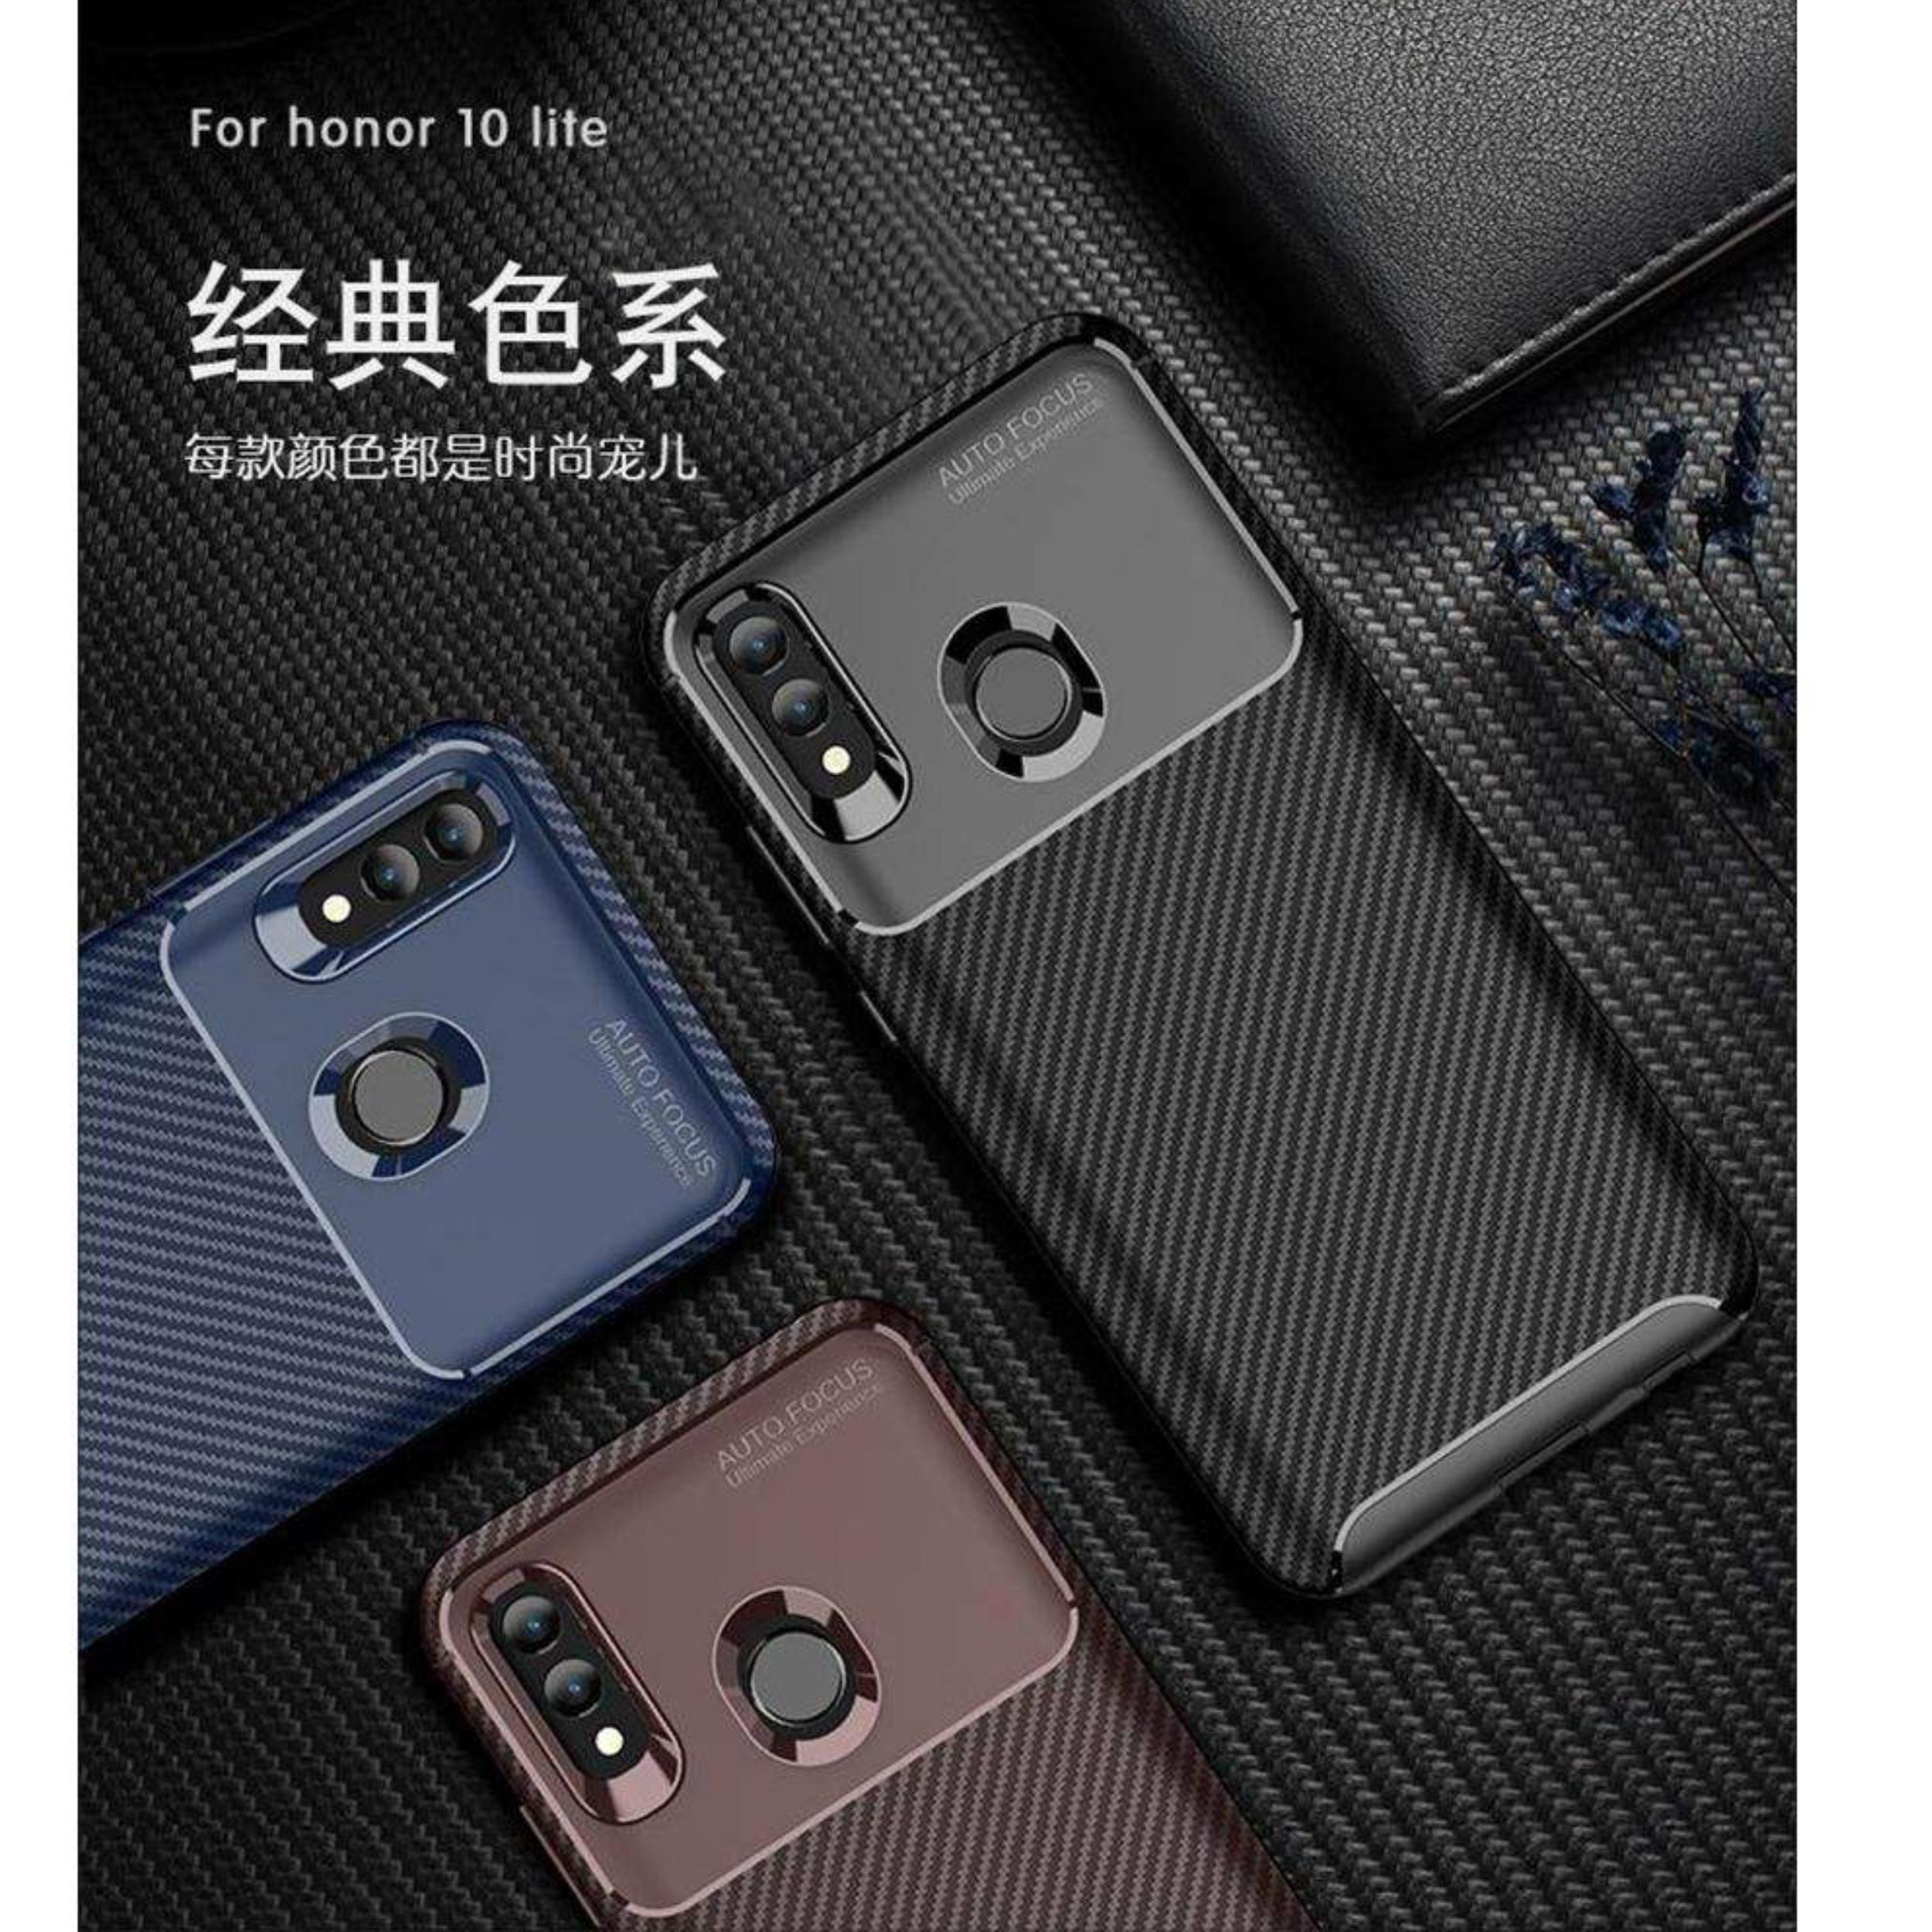 کاور لاین کینگ مدل A21 مناسب برای گوشی موبایل هوآوی P Smart 2019/ آنر 10Lite thumb 2 4